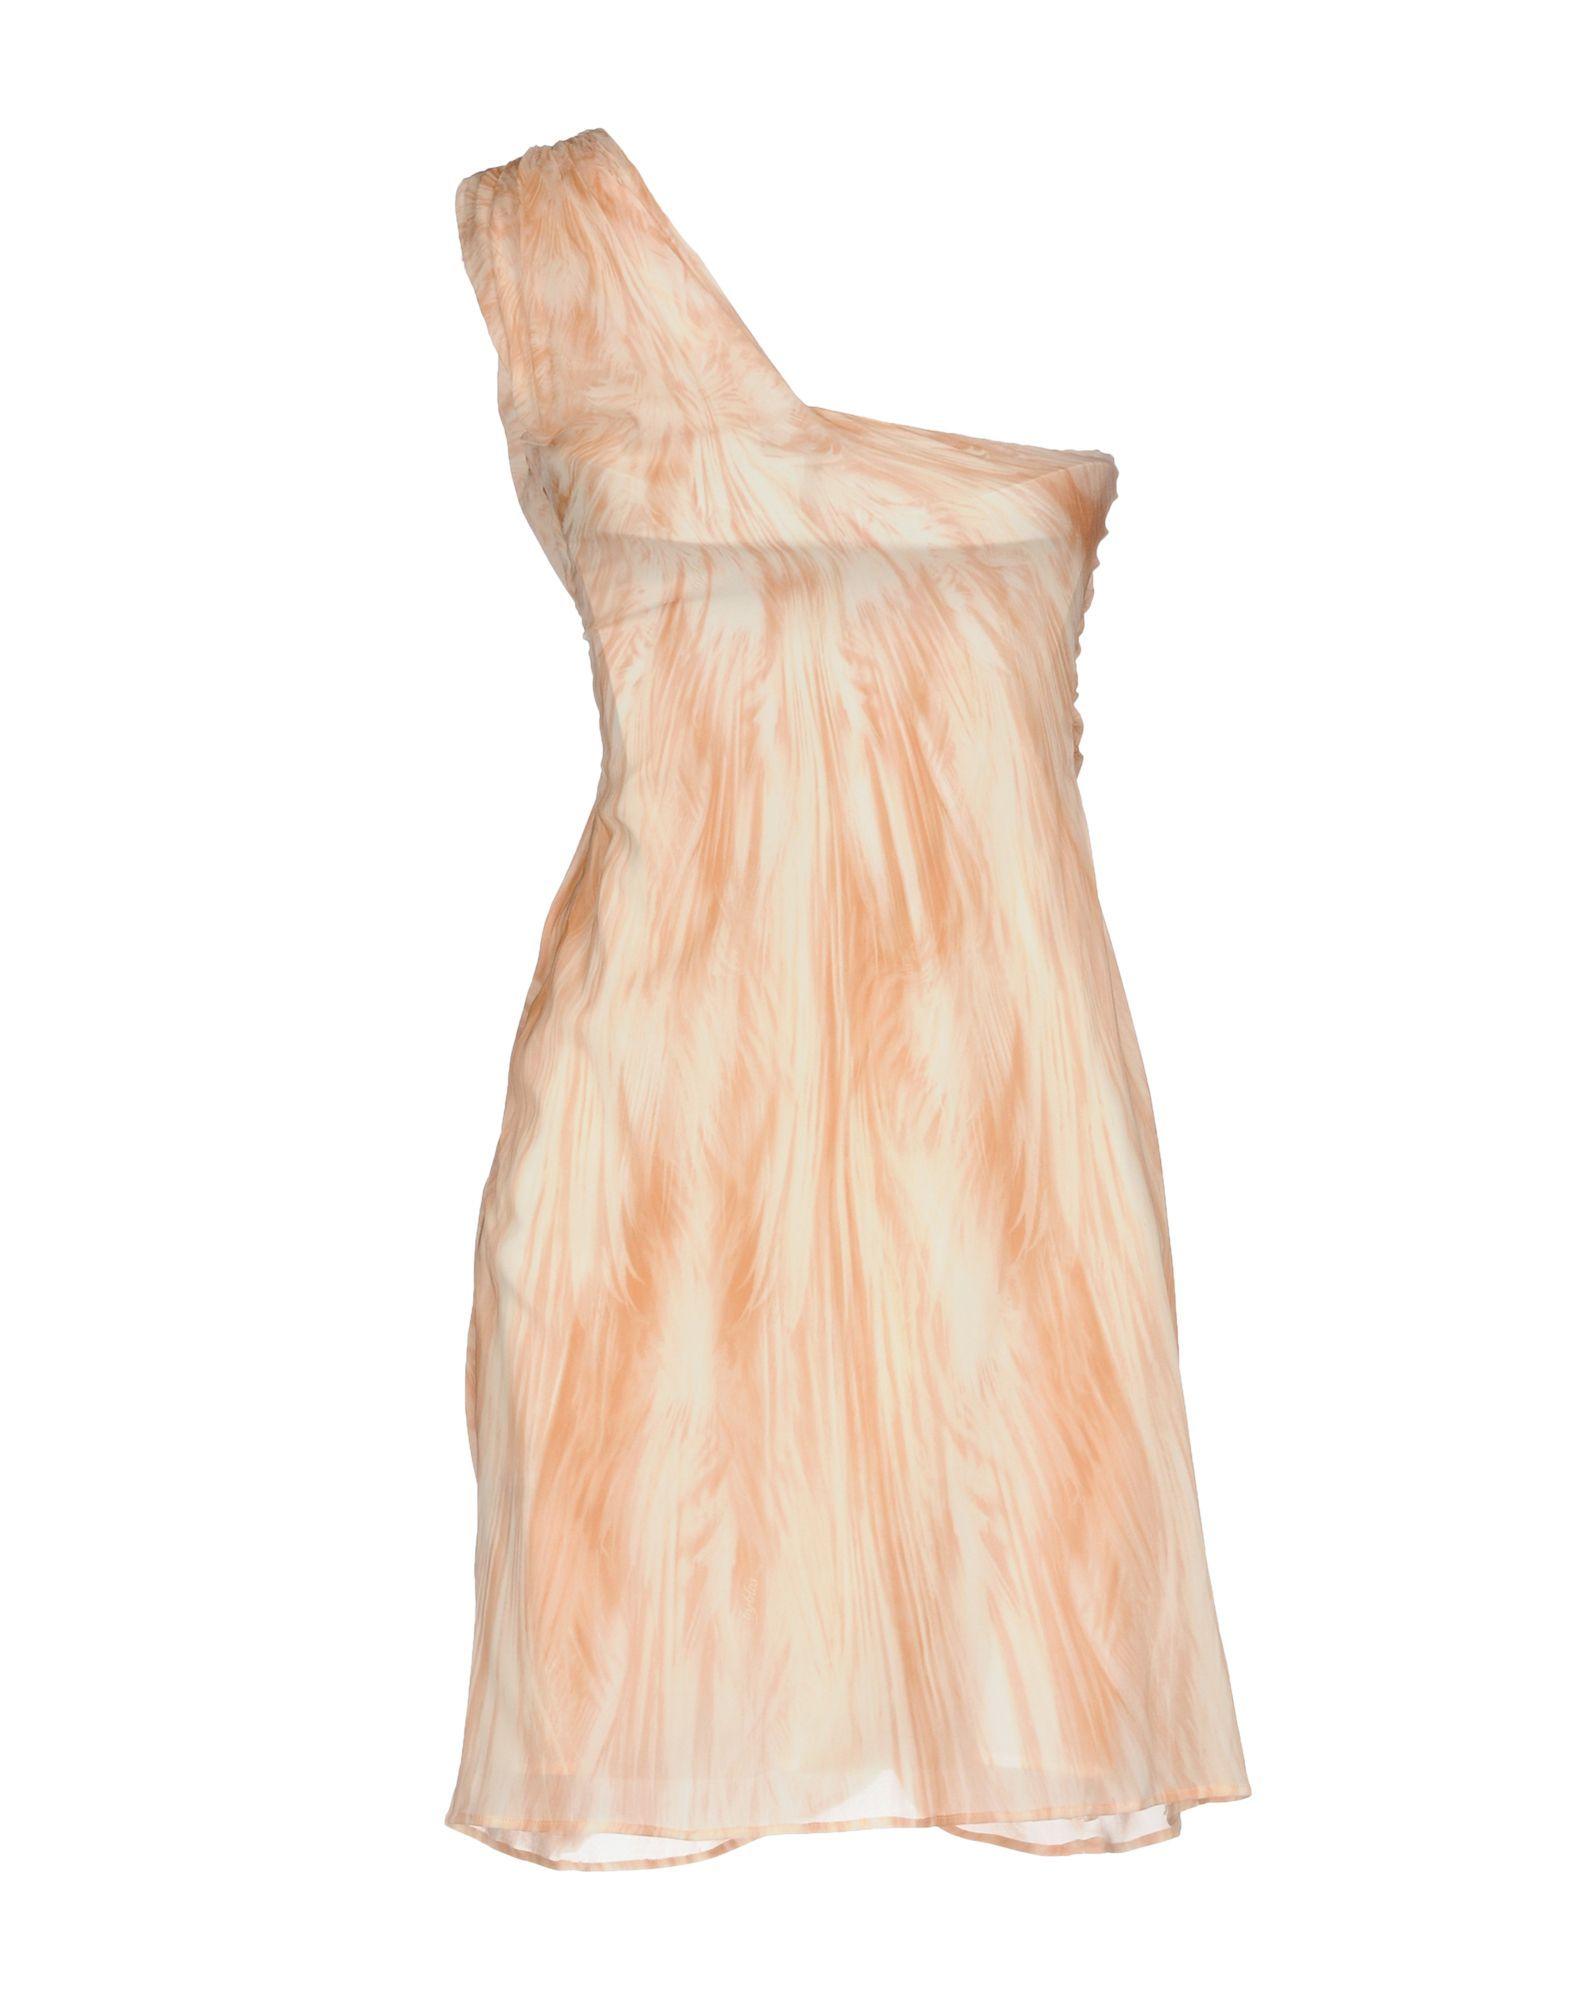 Byblos Pastel Pink One Shoulder Dress